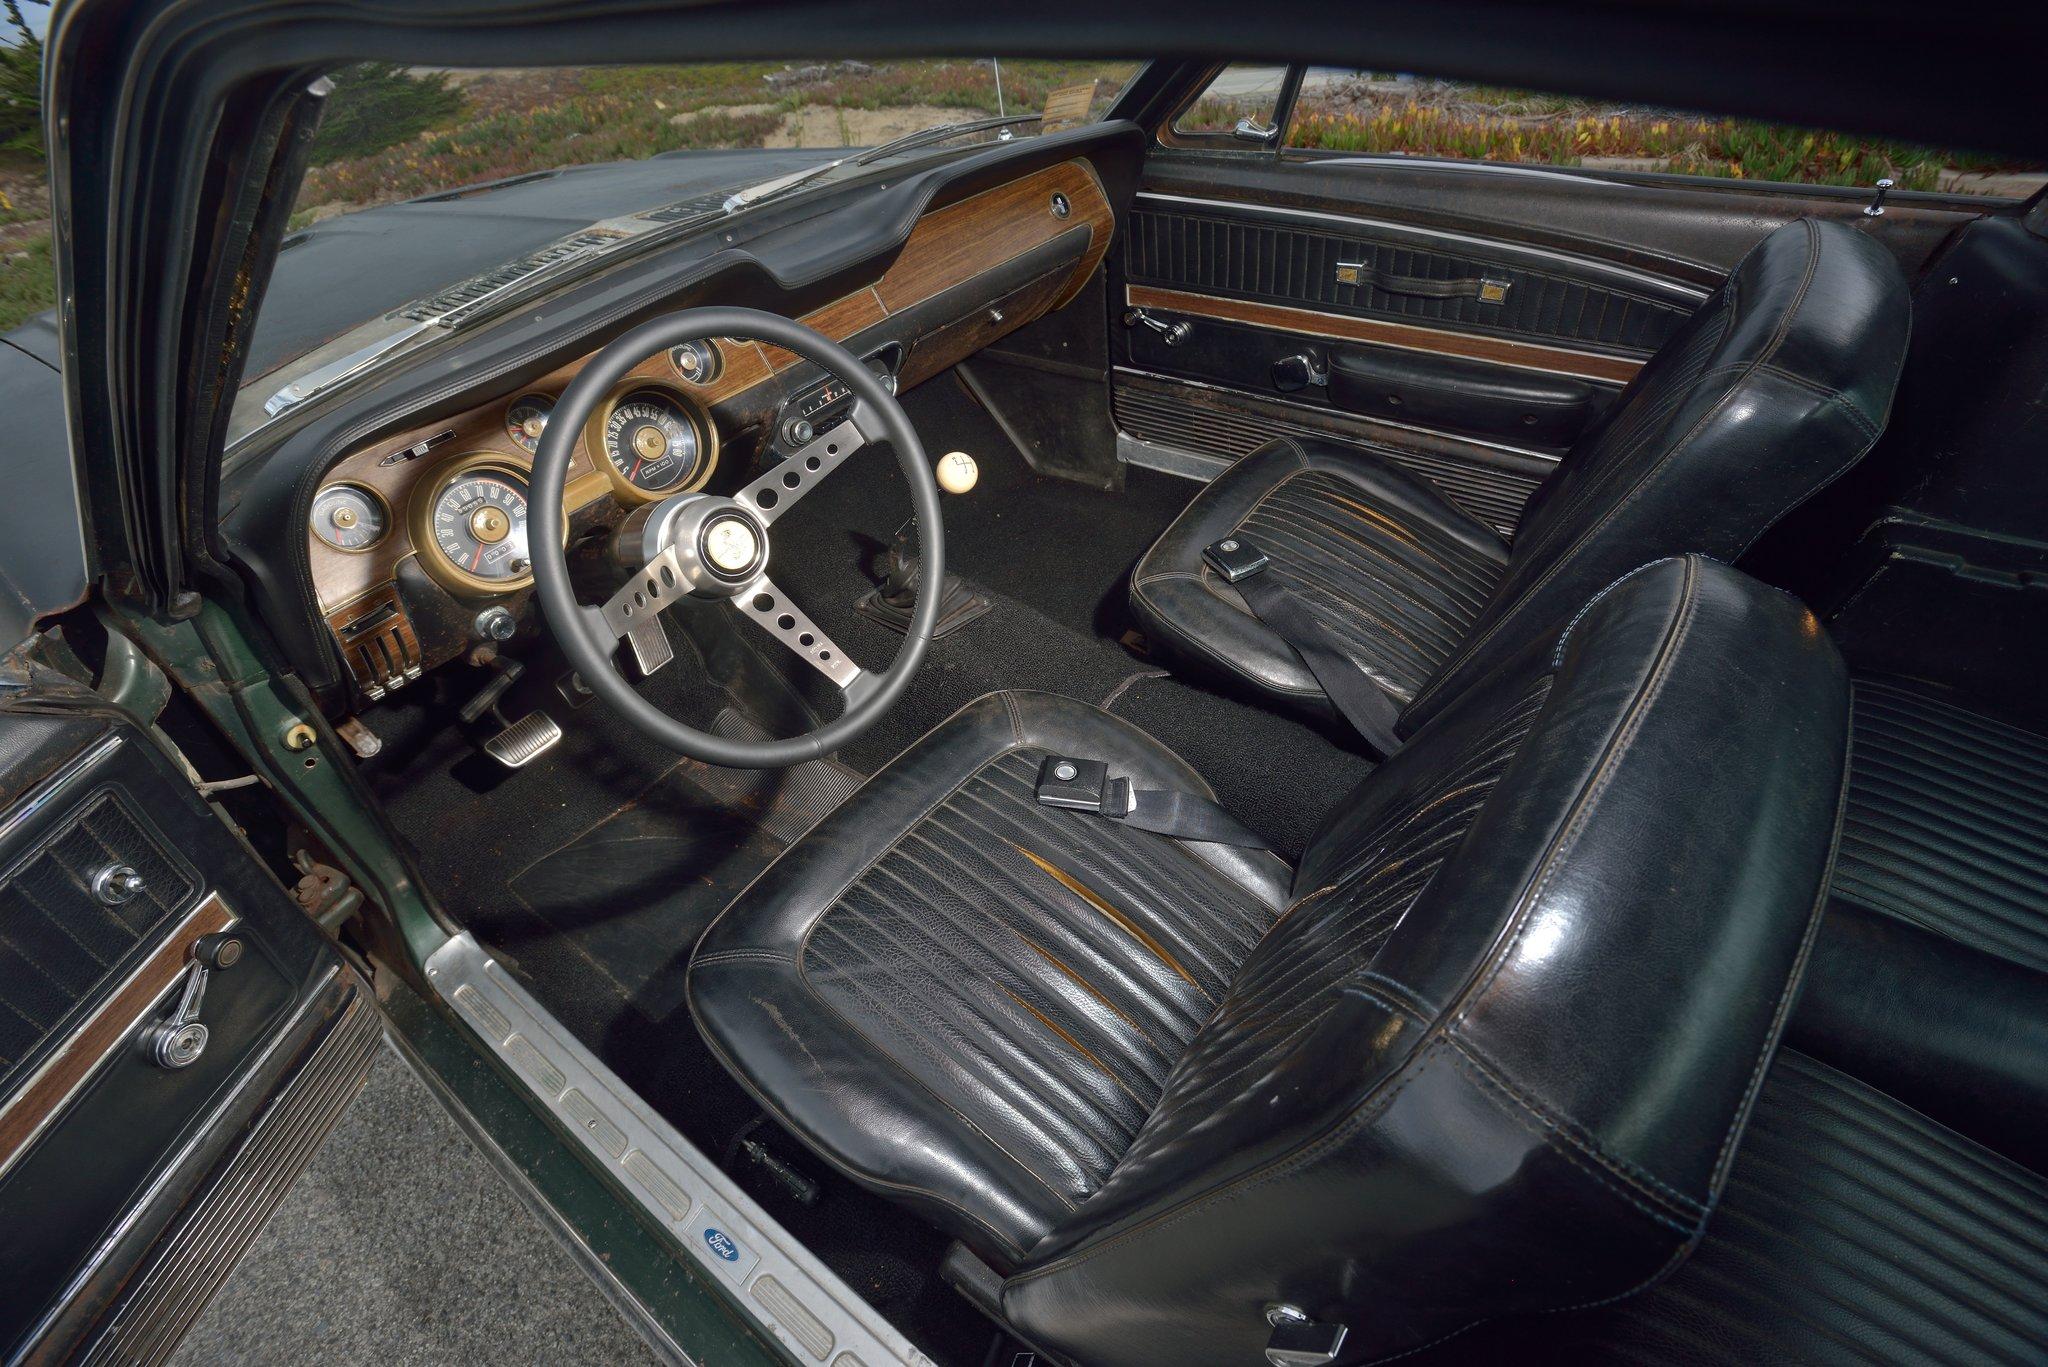 1968 Bullitt Mustang Interior